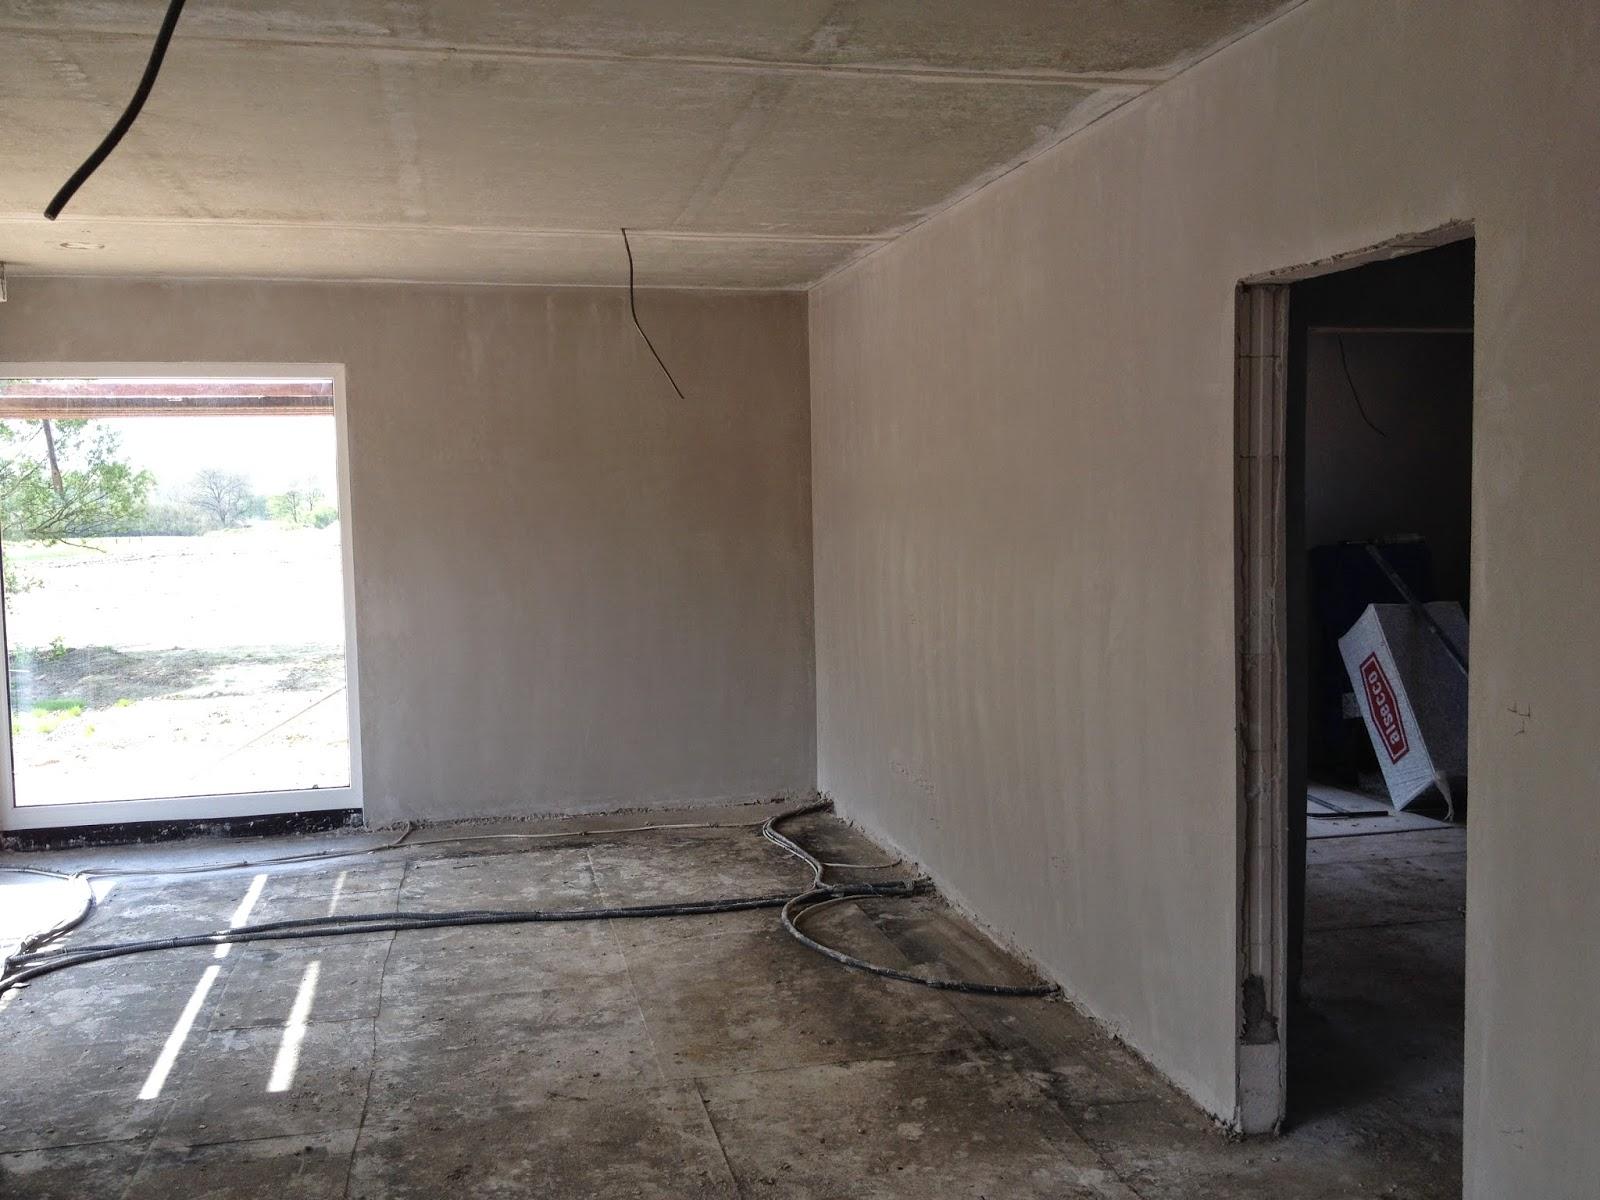 erlenhof 38 auf nach ahrensburg kurze woche nicht. Black Bedroom Furniture Sets. Home Design Ideas